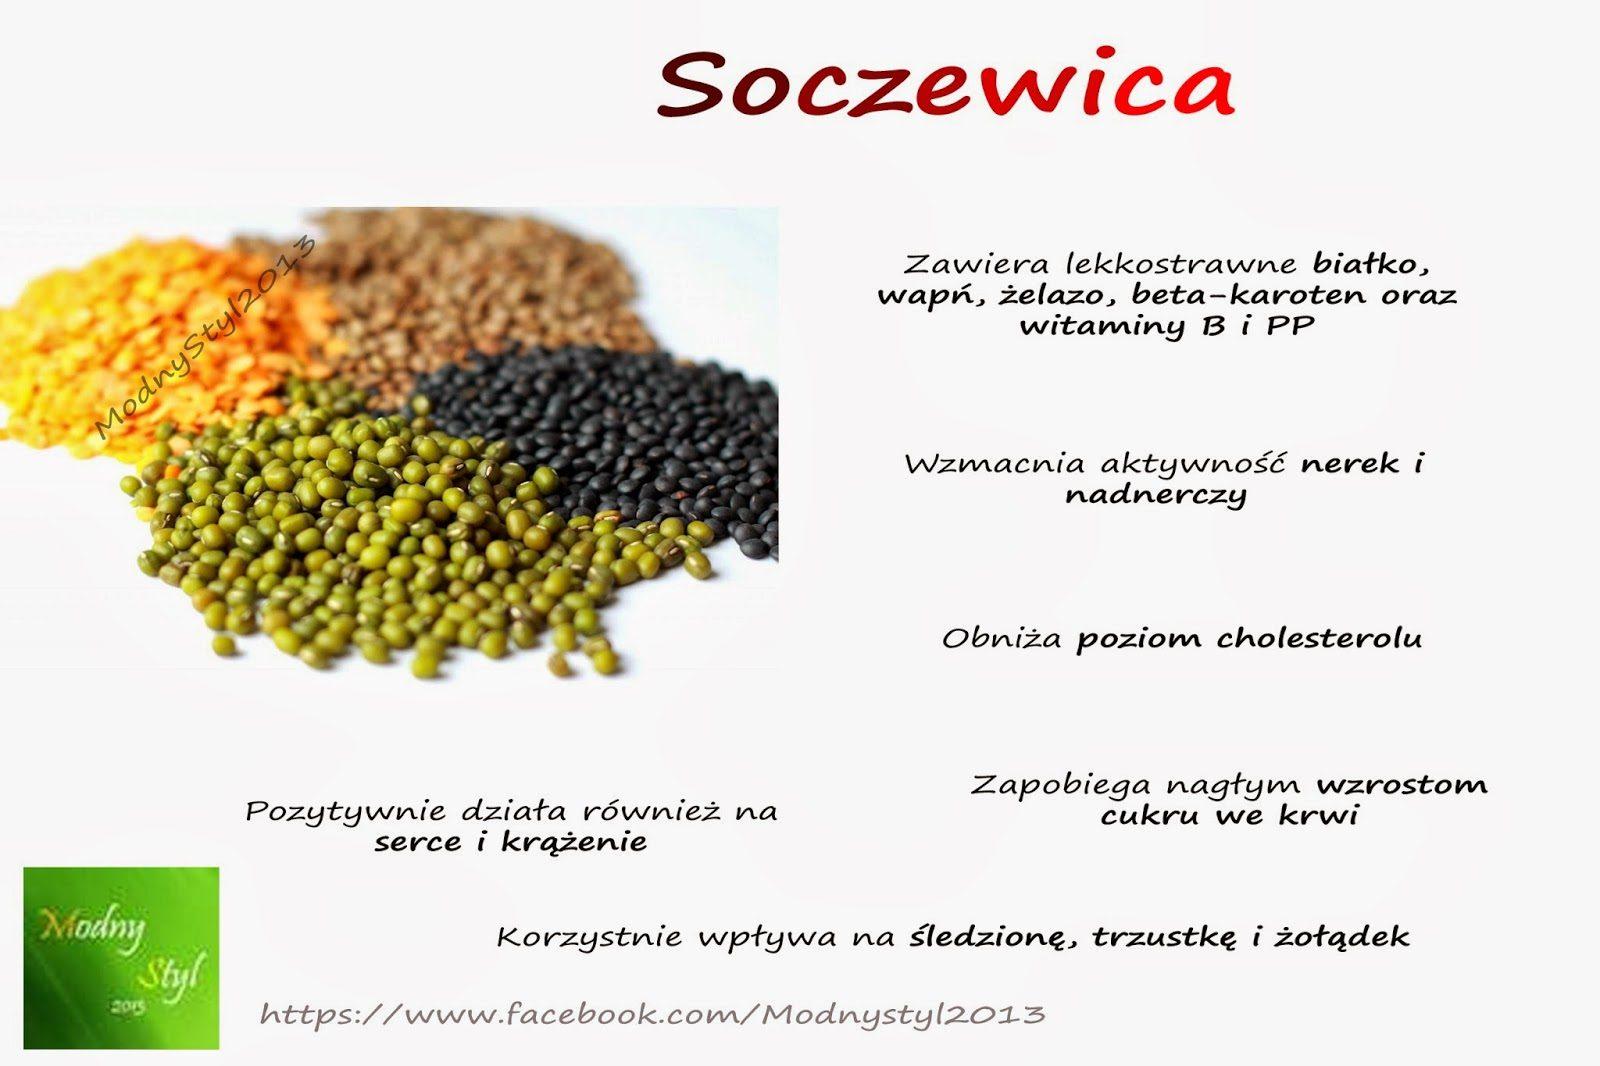 soczewica-4901588